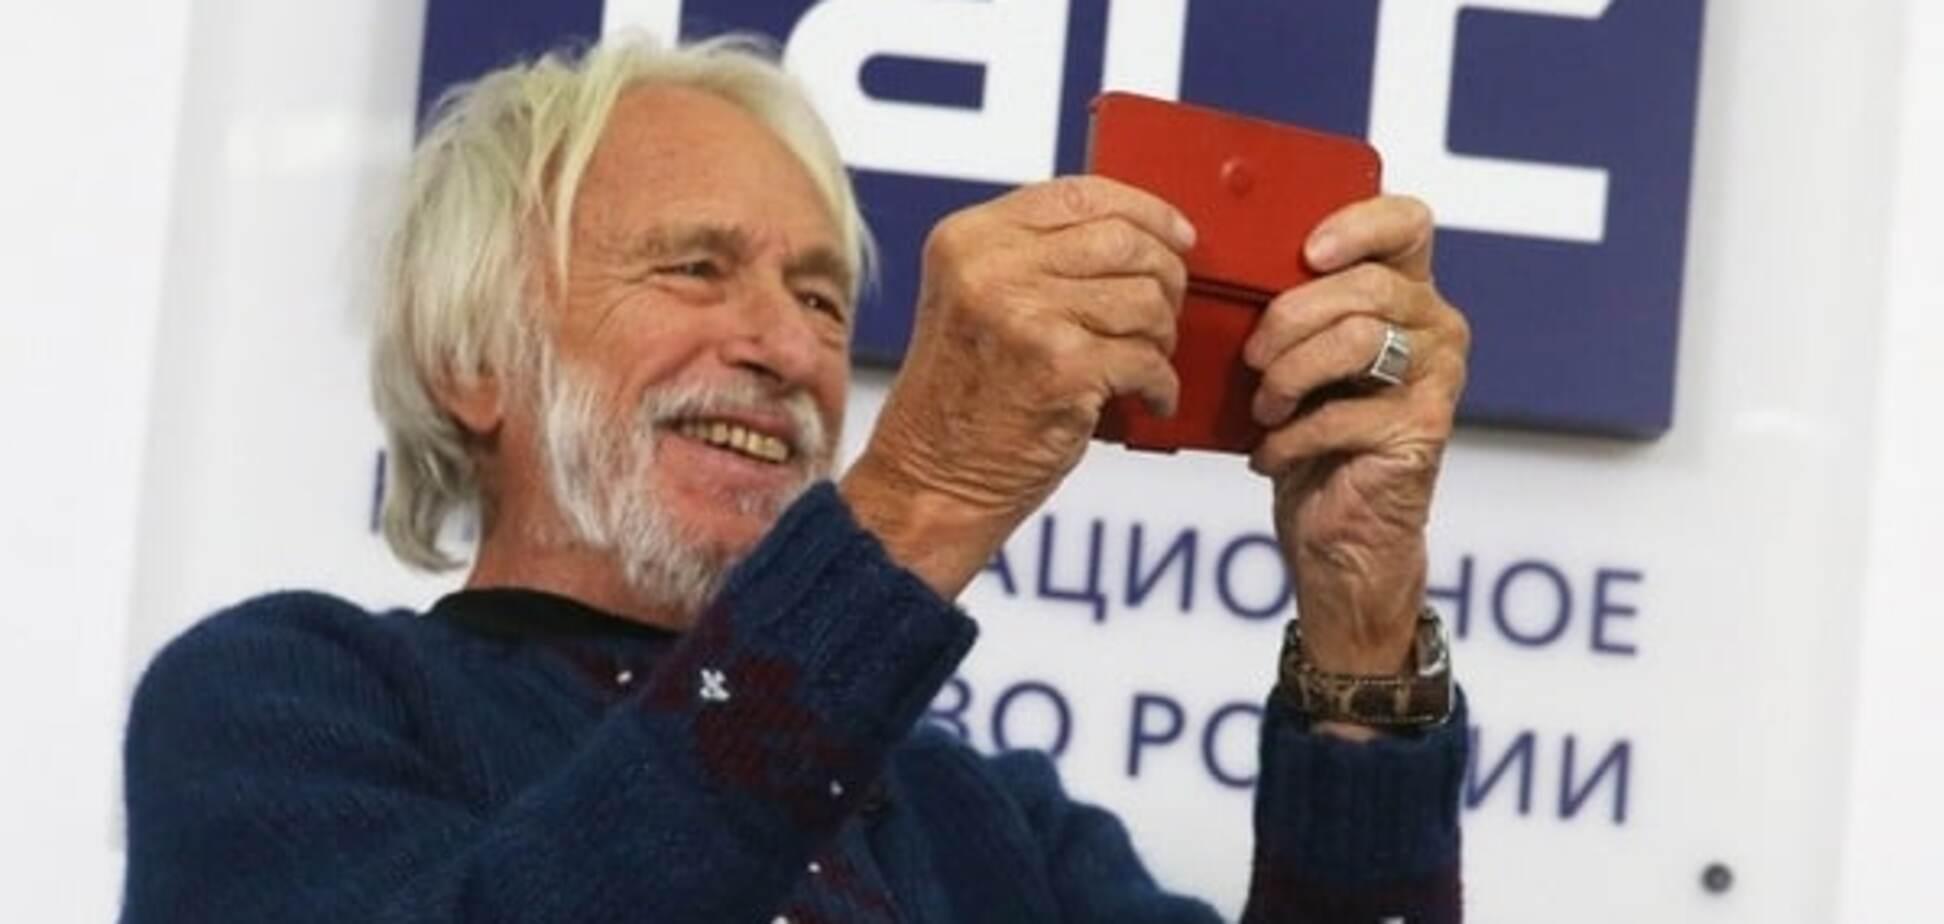 П'єру Рішару вручили паспорт громадянина Мордовії